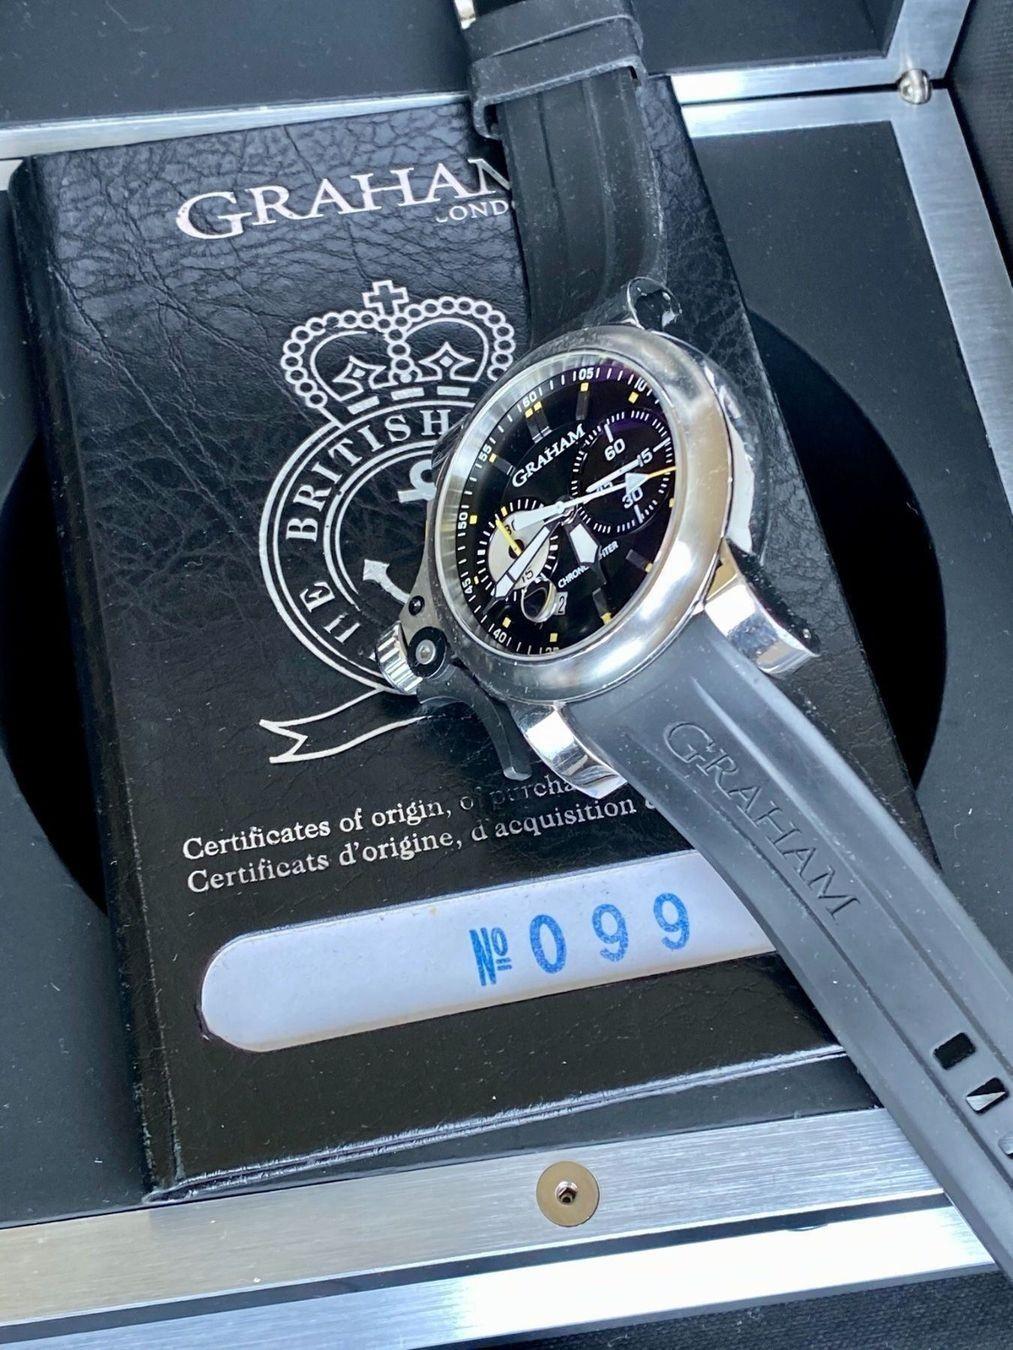 Graham / Chronofighter RAC Trigger - Gentlemen's Steel Wrist Watch - Image 5 of 14